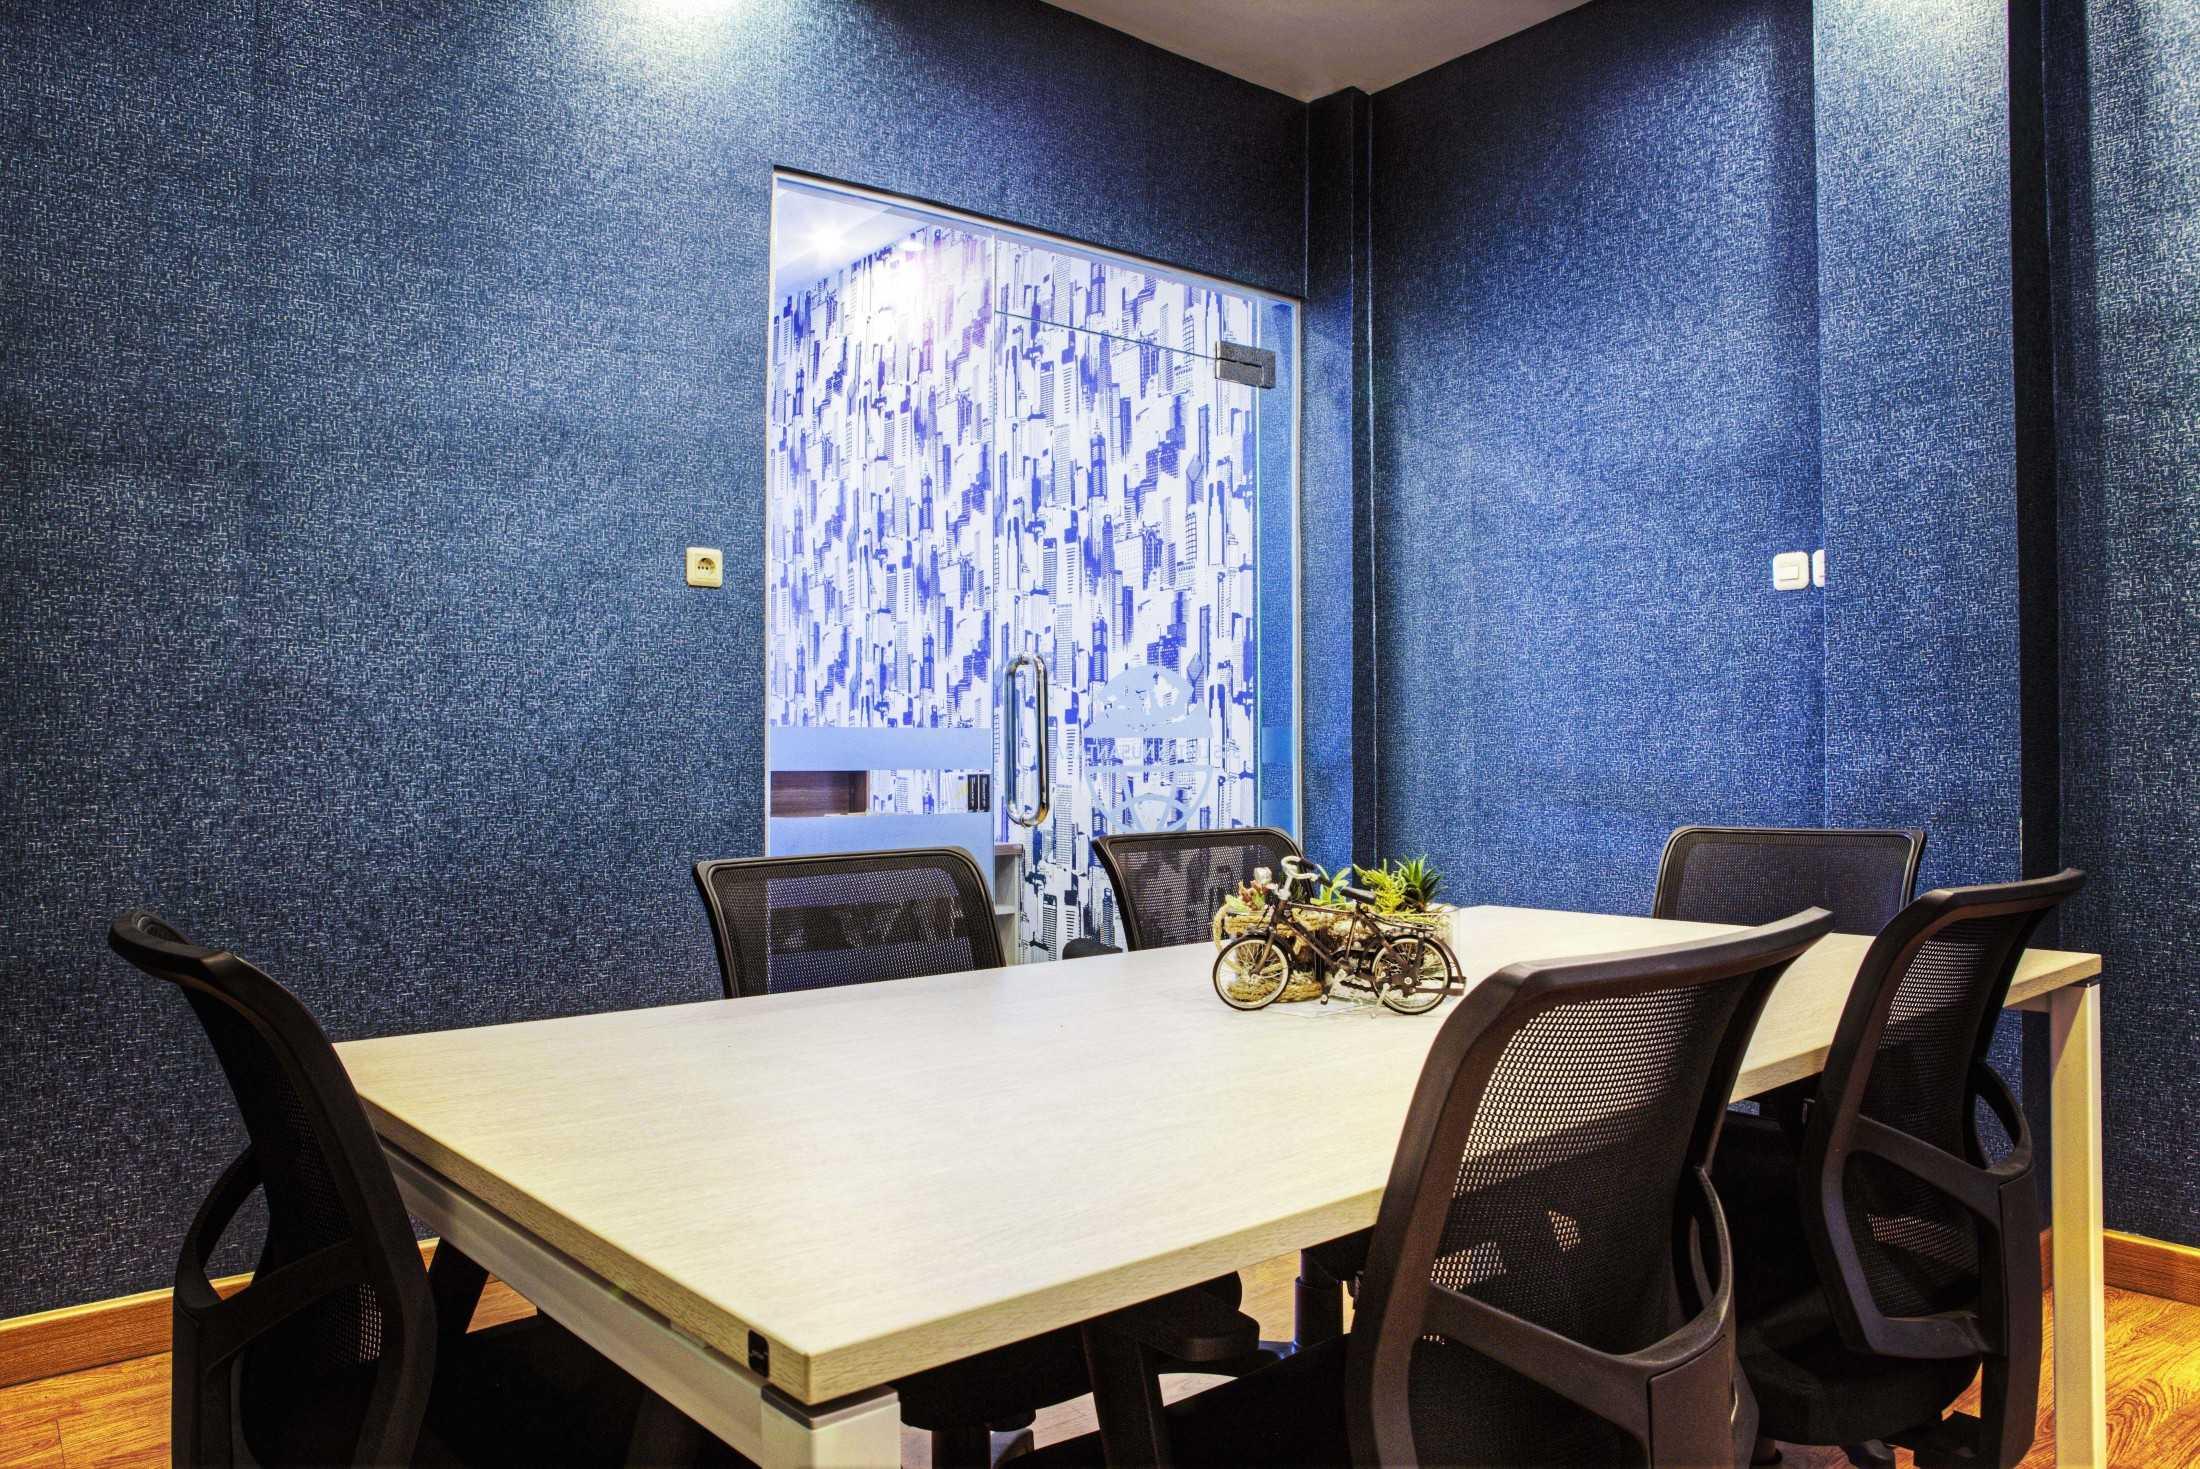 Total Renov Ruang Meeting Office Dan Mogot Jl. Daan Mogot, Indonesia Jl. Daan Mogot, Indonesia Total-Renov-Ruang-Meeting-Office-Dan-Mogot  59881